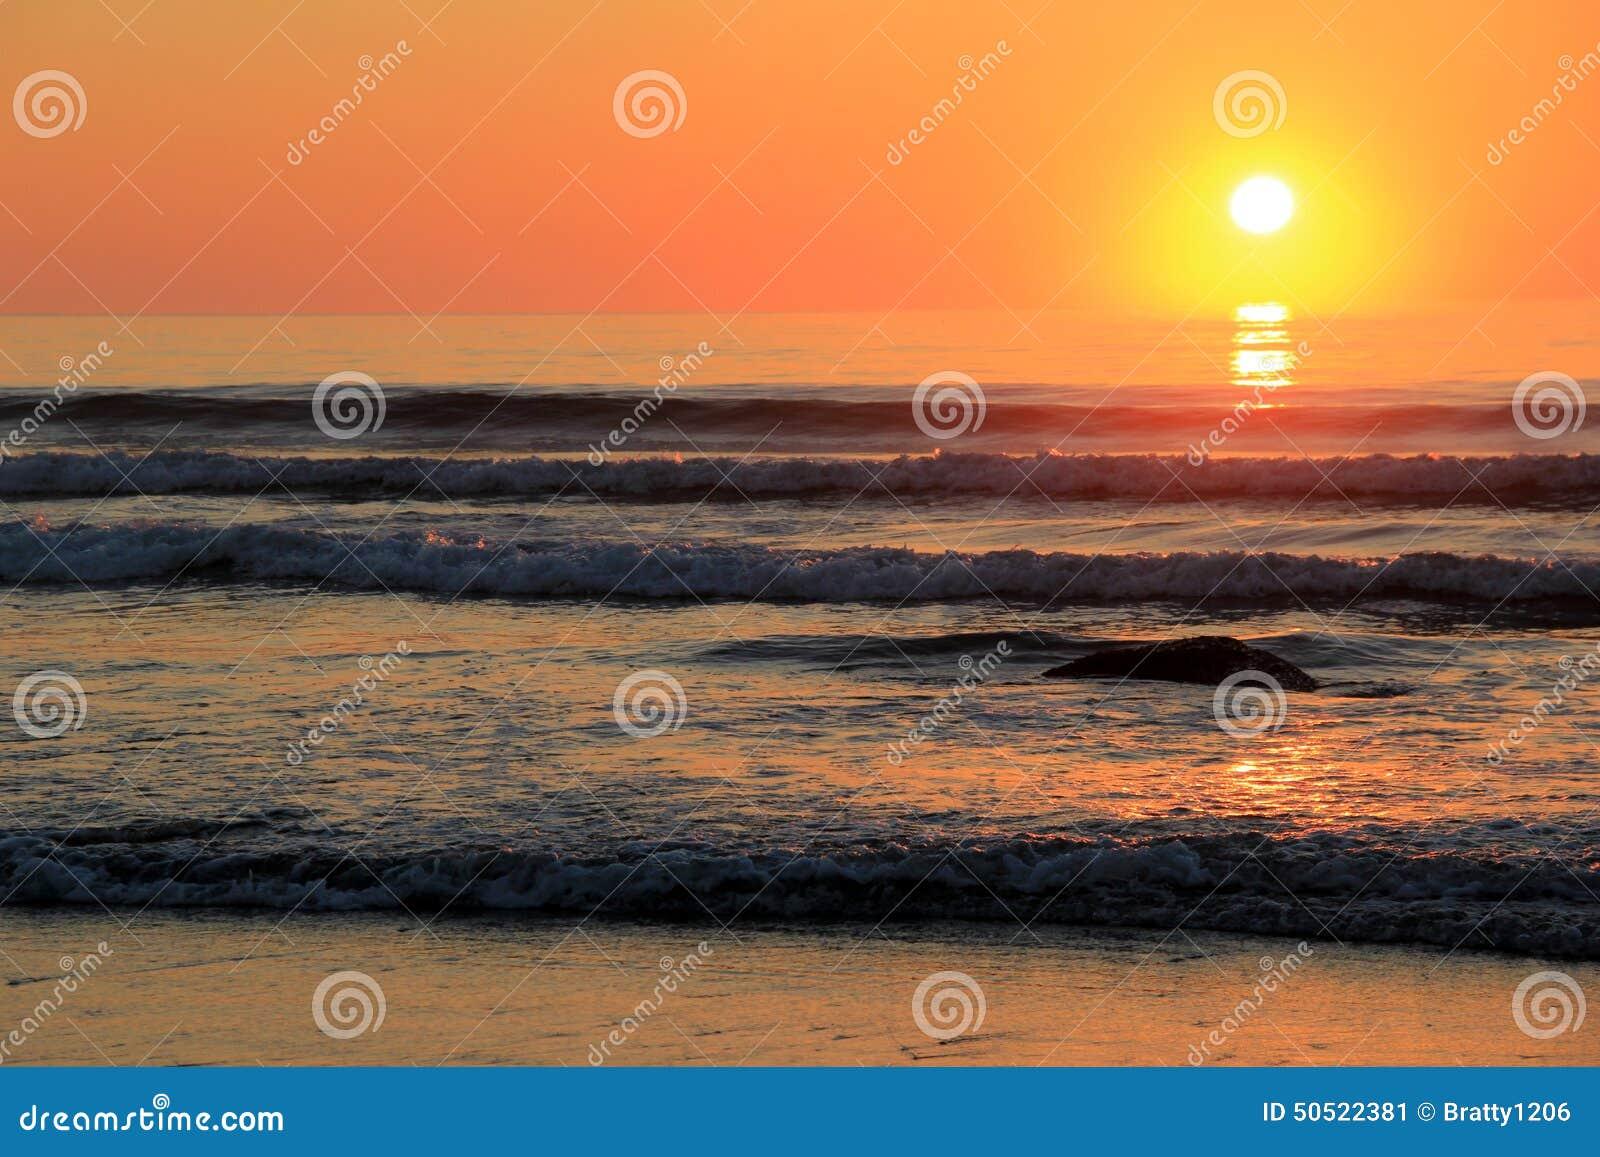 Lever de soleil magnifique au-dessus des roches le long du rivage